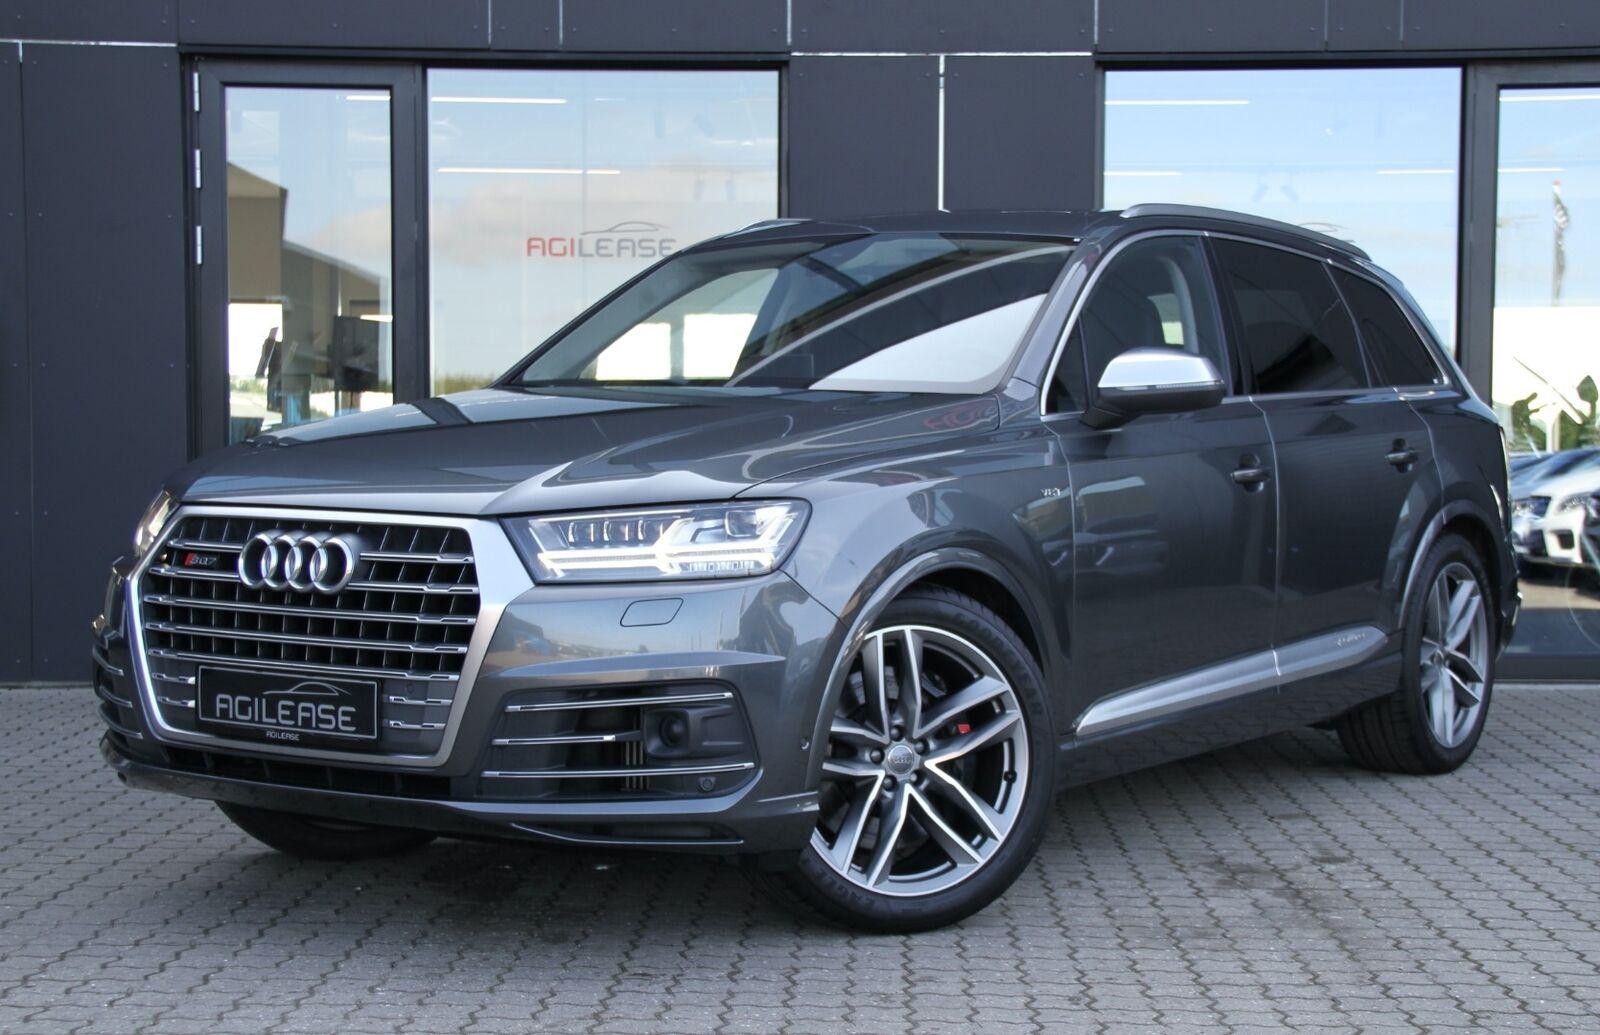 Audi SQ7 4,0 TDi quattro Tiptr. 5d - 7.100 kr.